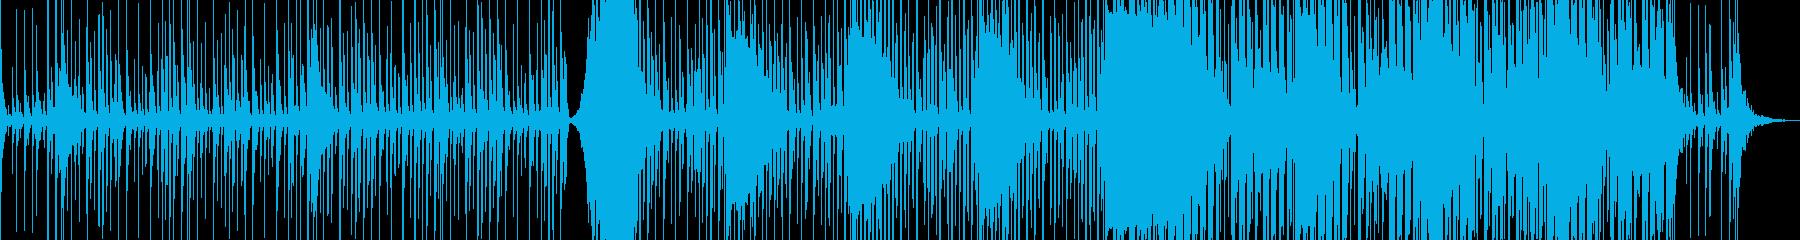 Clappingの再生済みの波形